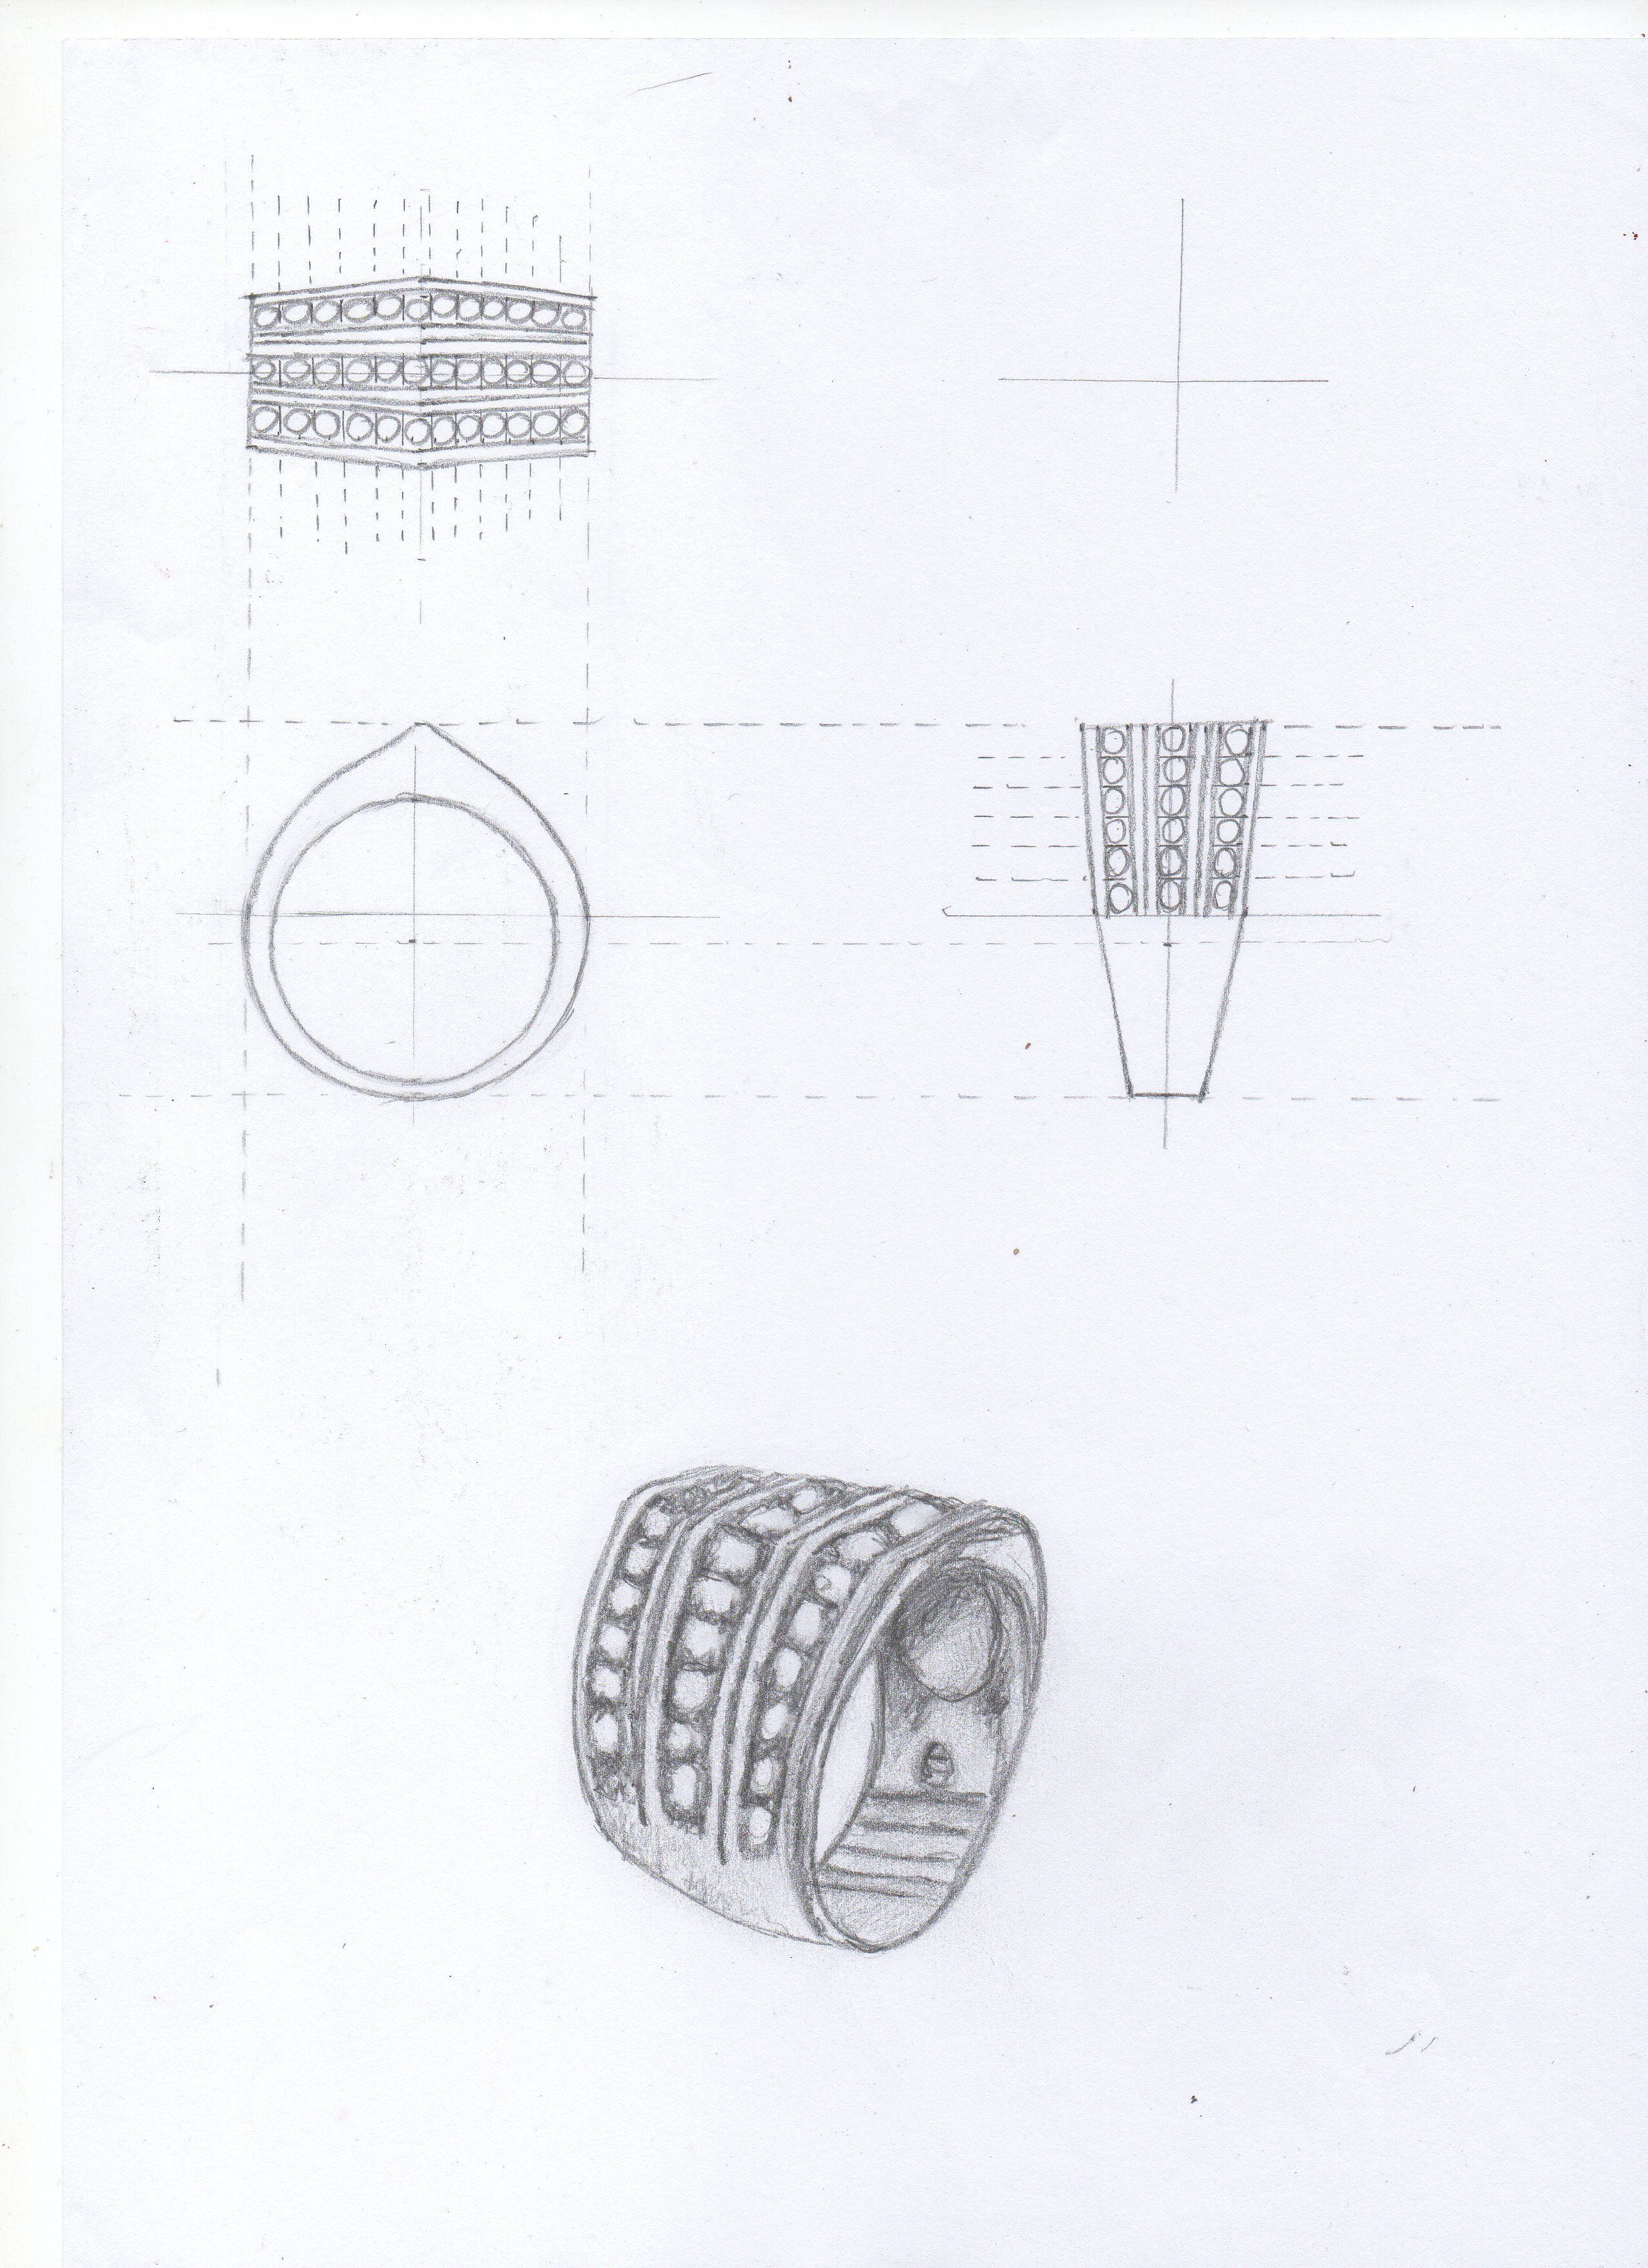 Dibujo Analitico Y Descriptivo Del Mismo Anillo Anillo Dibujo Diseno De Joyas Dibujo Analitico